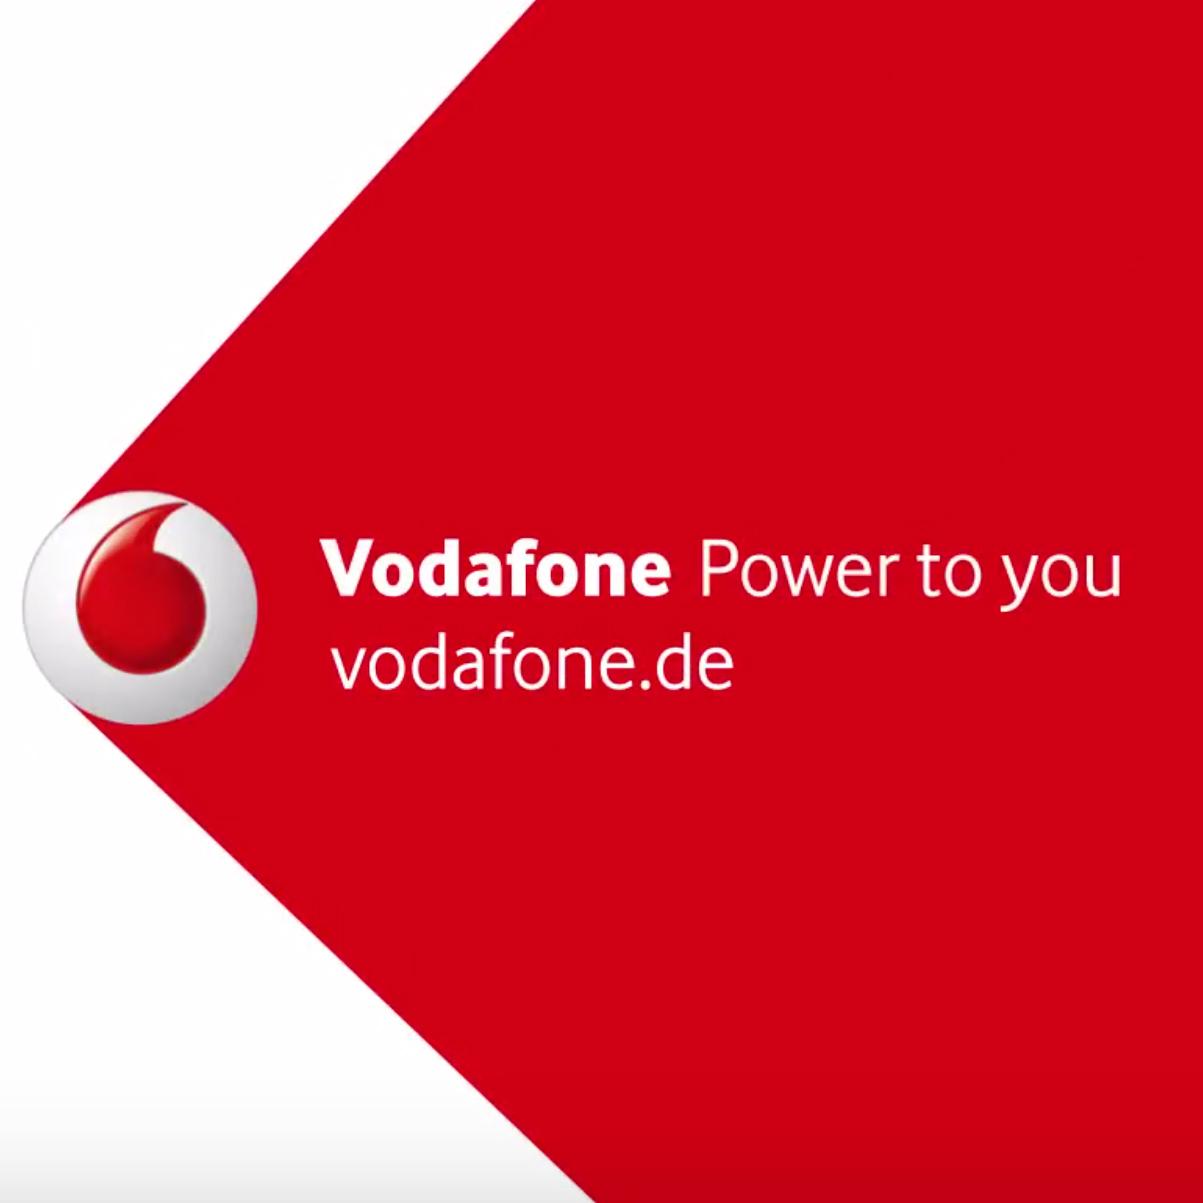 Vodafone 100 € Aktionscode in der kommenden BamS: Cashback für Vodafone RED GigaKombi Neuverträge